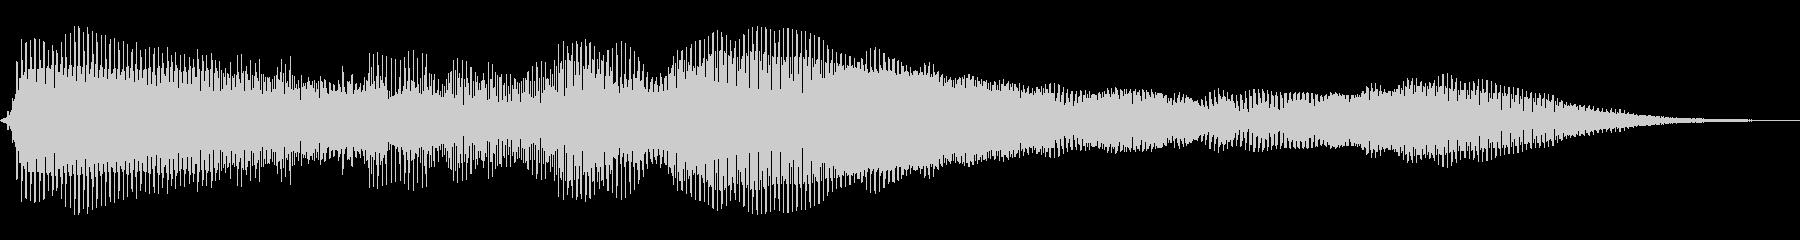 エイリアン1ドローンの未再生の波形